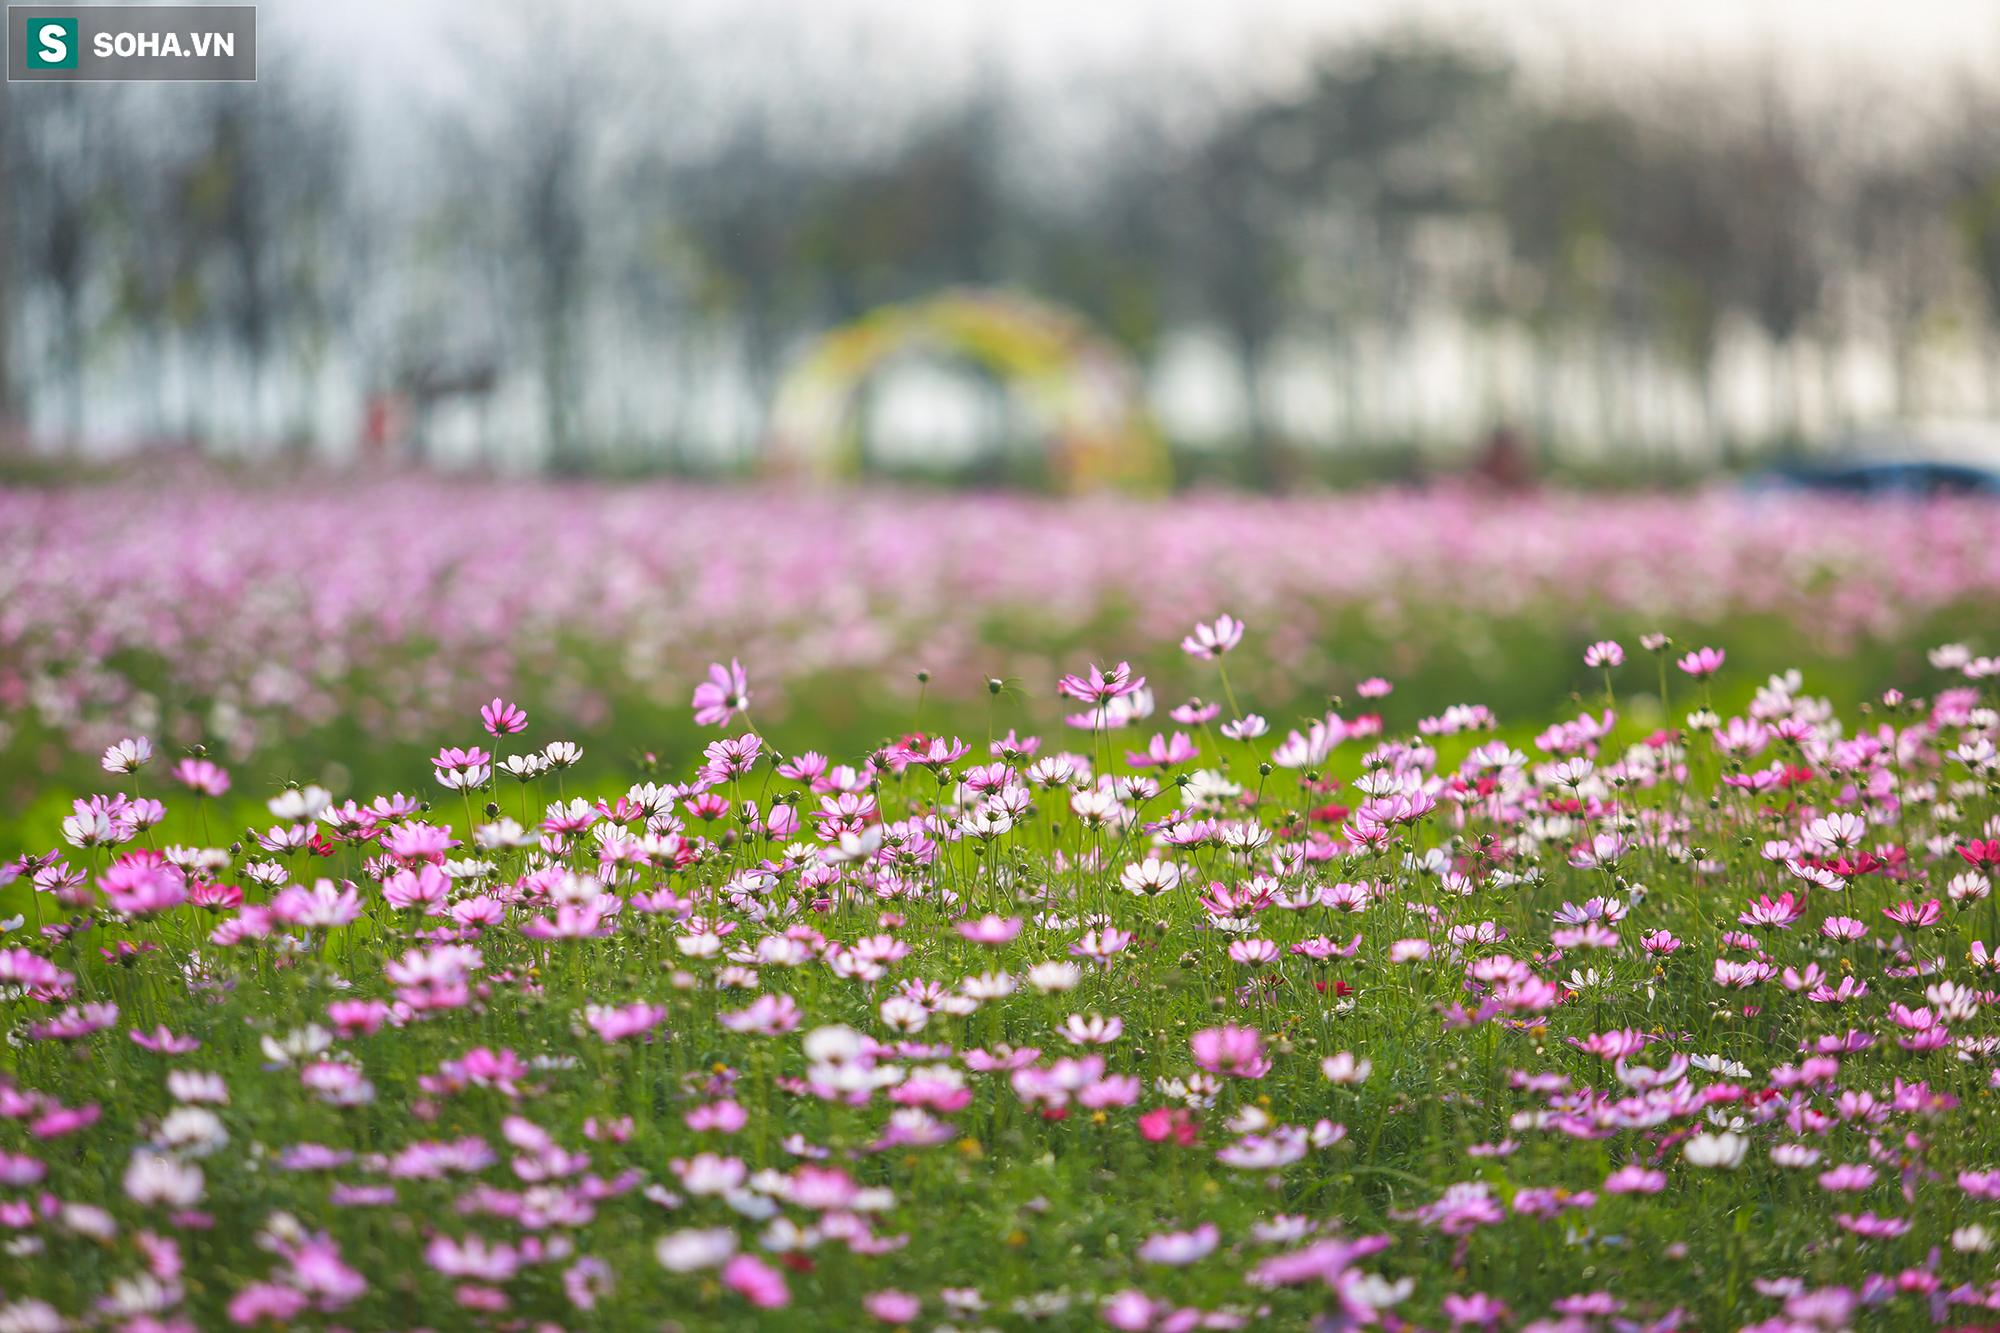 Mê mẩn cánh đồng hoa sao nhái đầy màu sắc được giới trẻ săn tìm để check-in ở Quảng Bình - Ảnh 4.